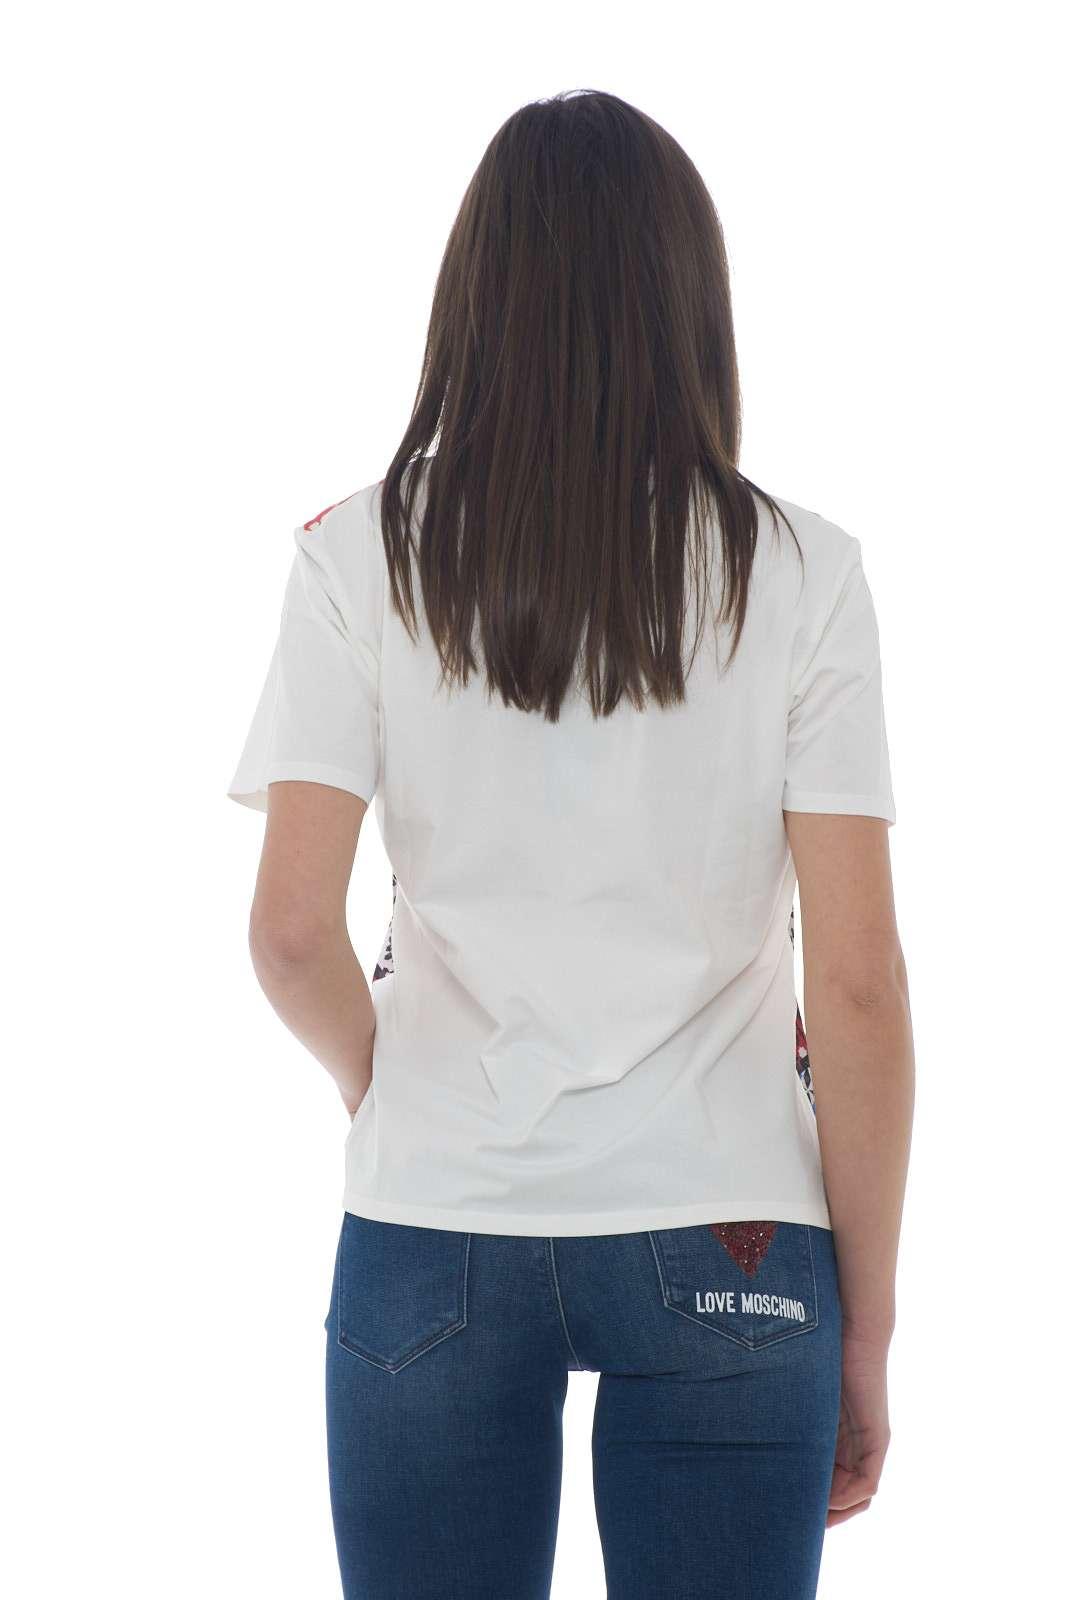 https://www.parmax.com/media/catalog/product/a/i/PE-outlet_parmax-t-shirt-donna-MaxMara-59412201-C.jpg